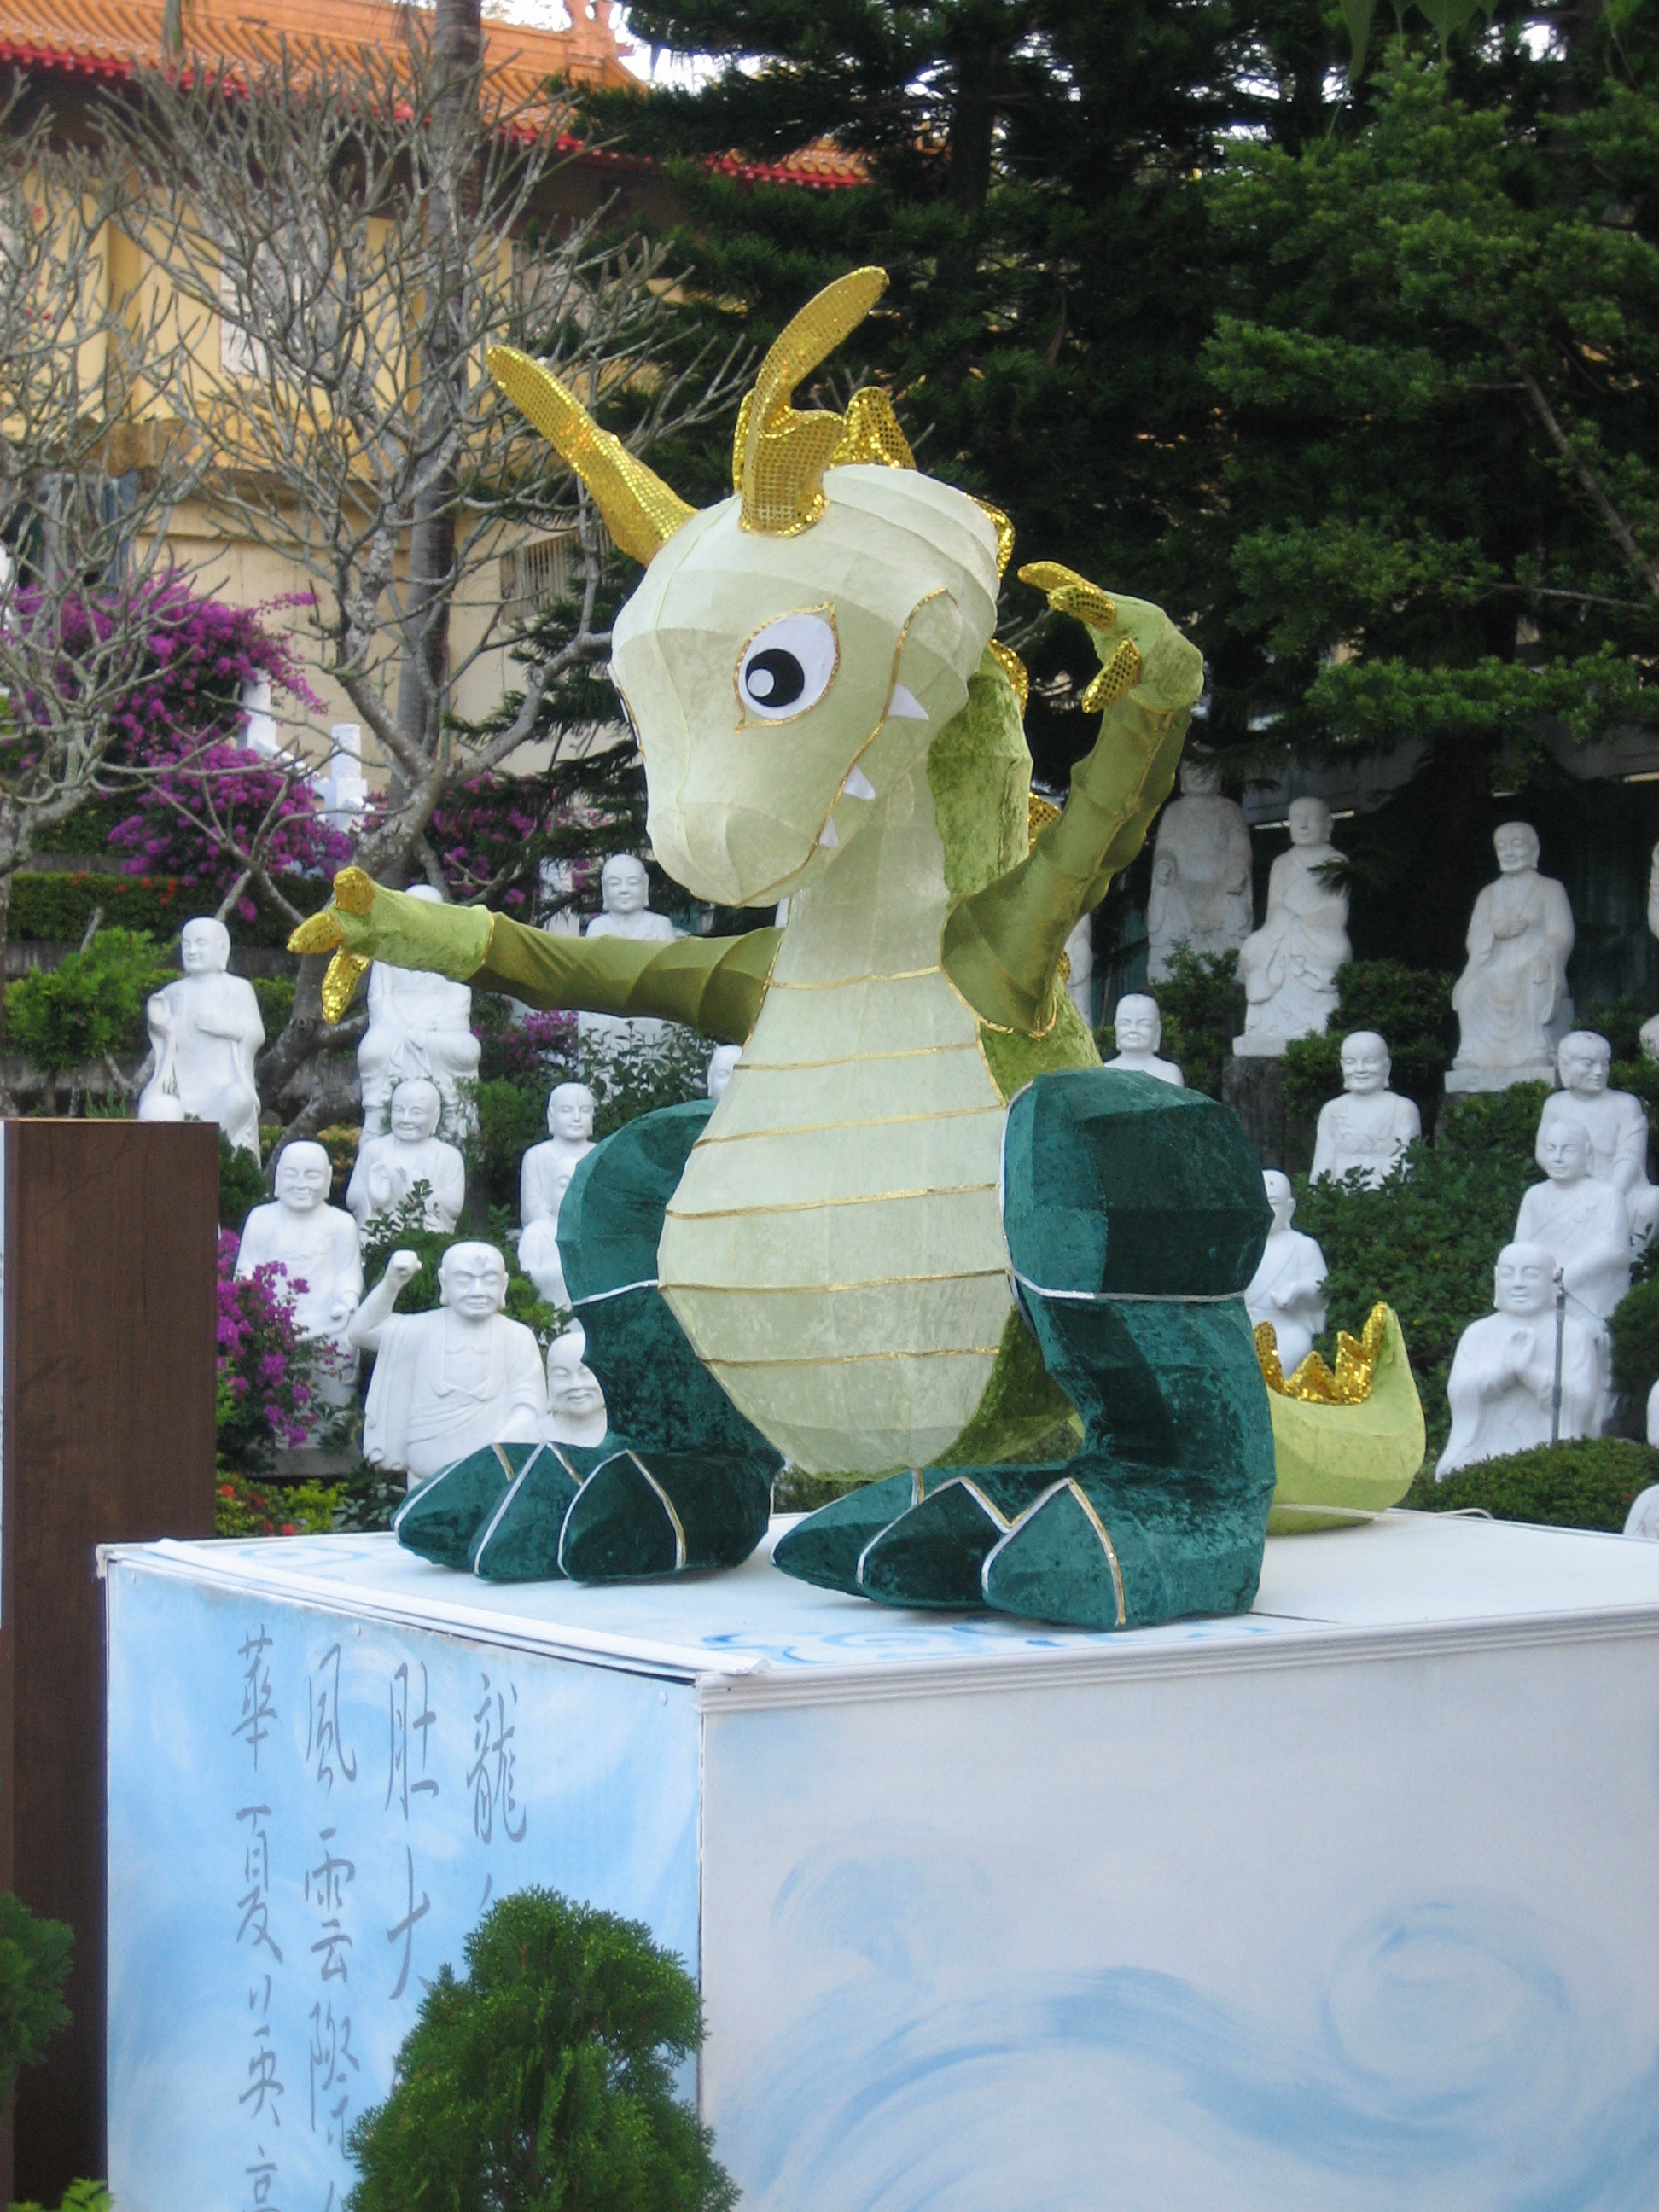 Dragon in Fo Guang Shan